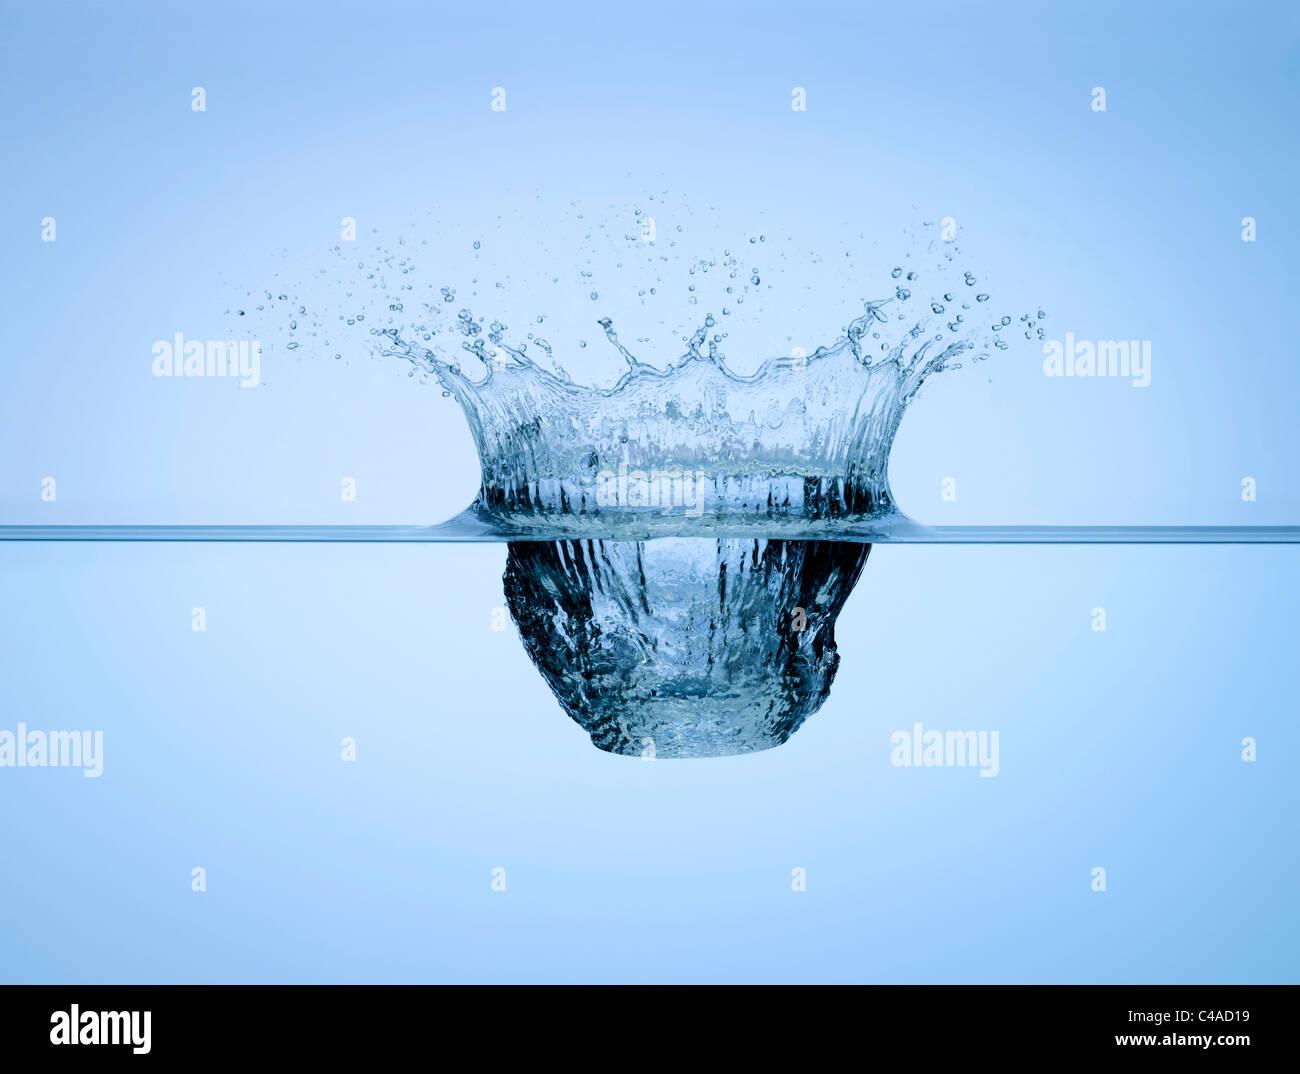 Un tuffo in acqua Immagini Stock